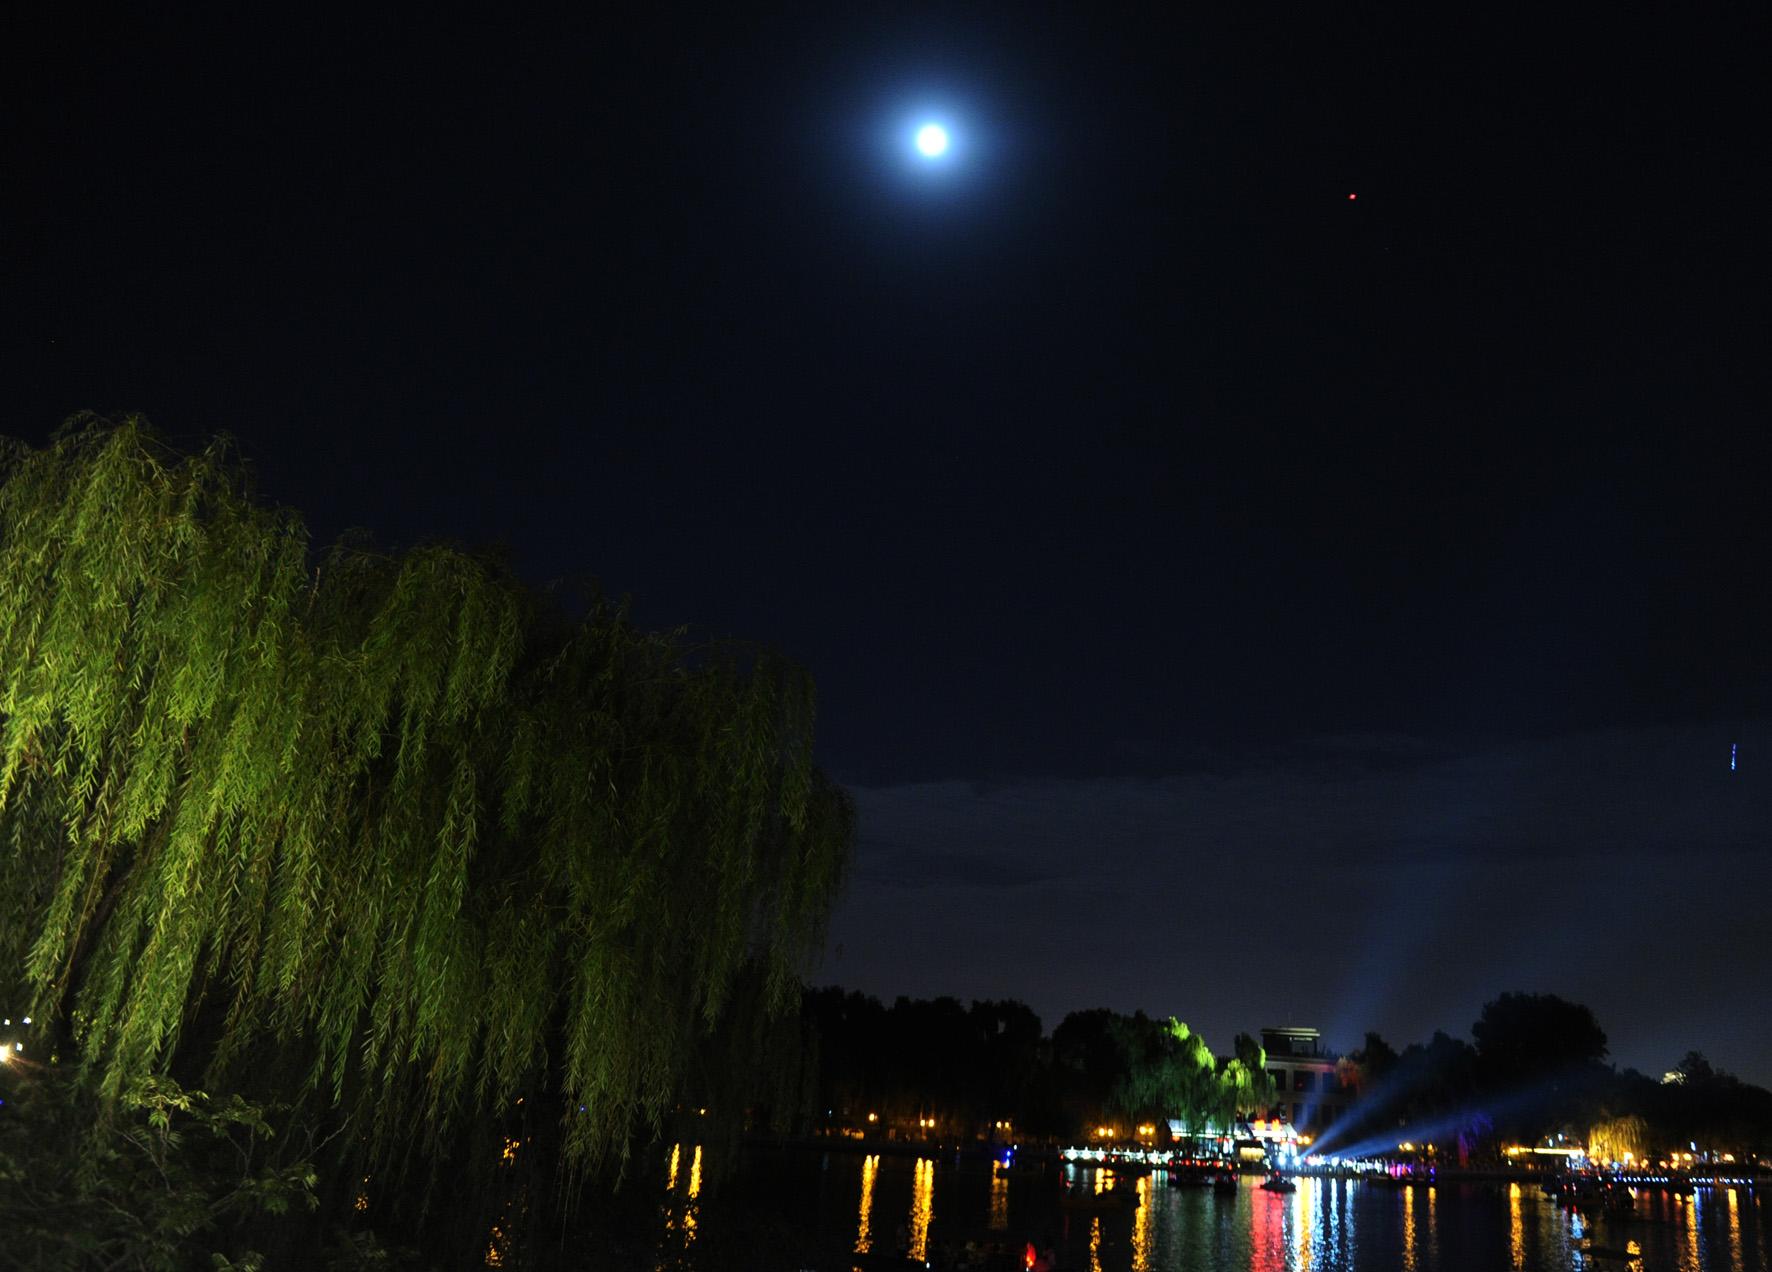 中秋碰上好天气月亮刷屏了 市民争相晒照片 | 北晚新